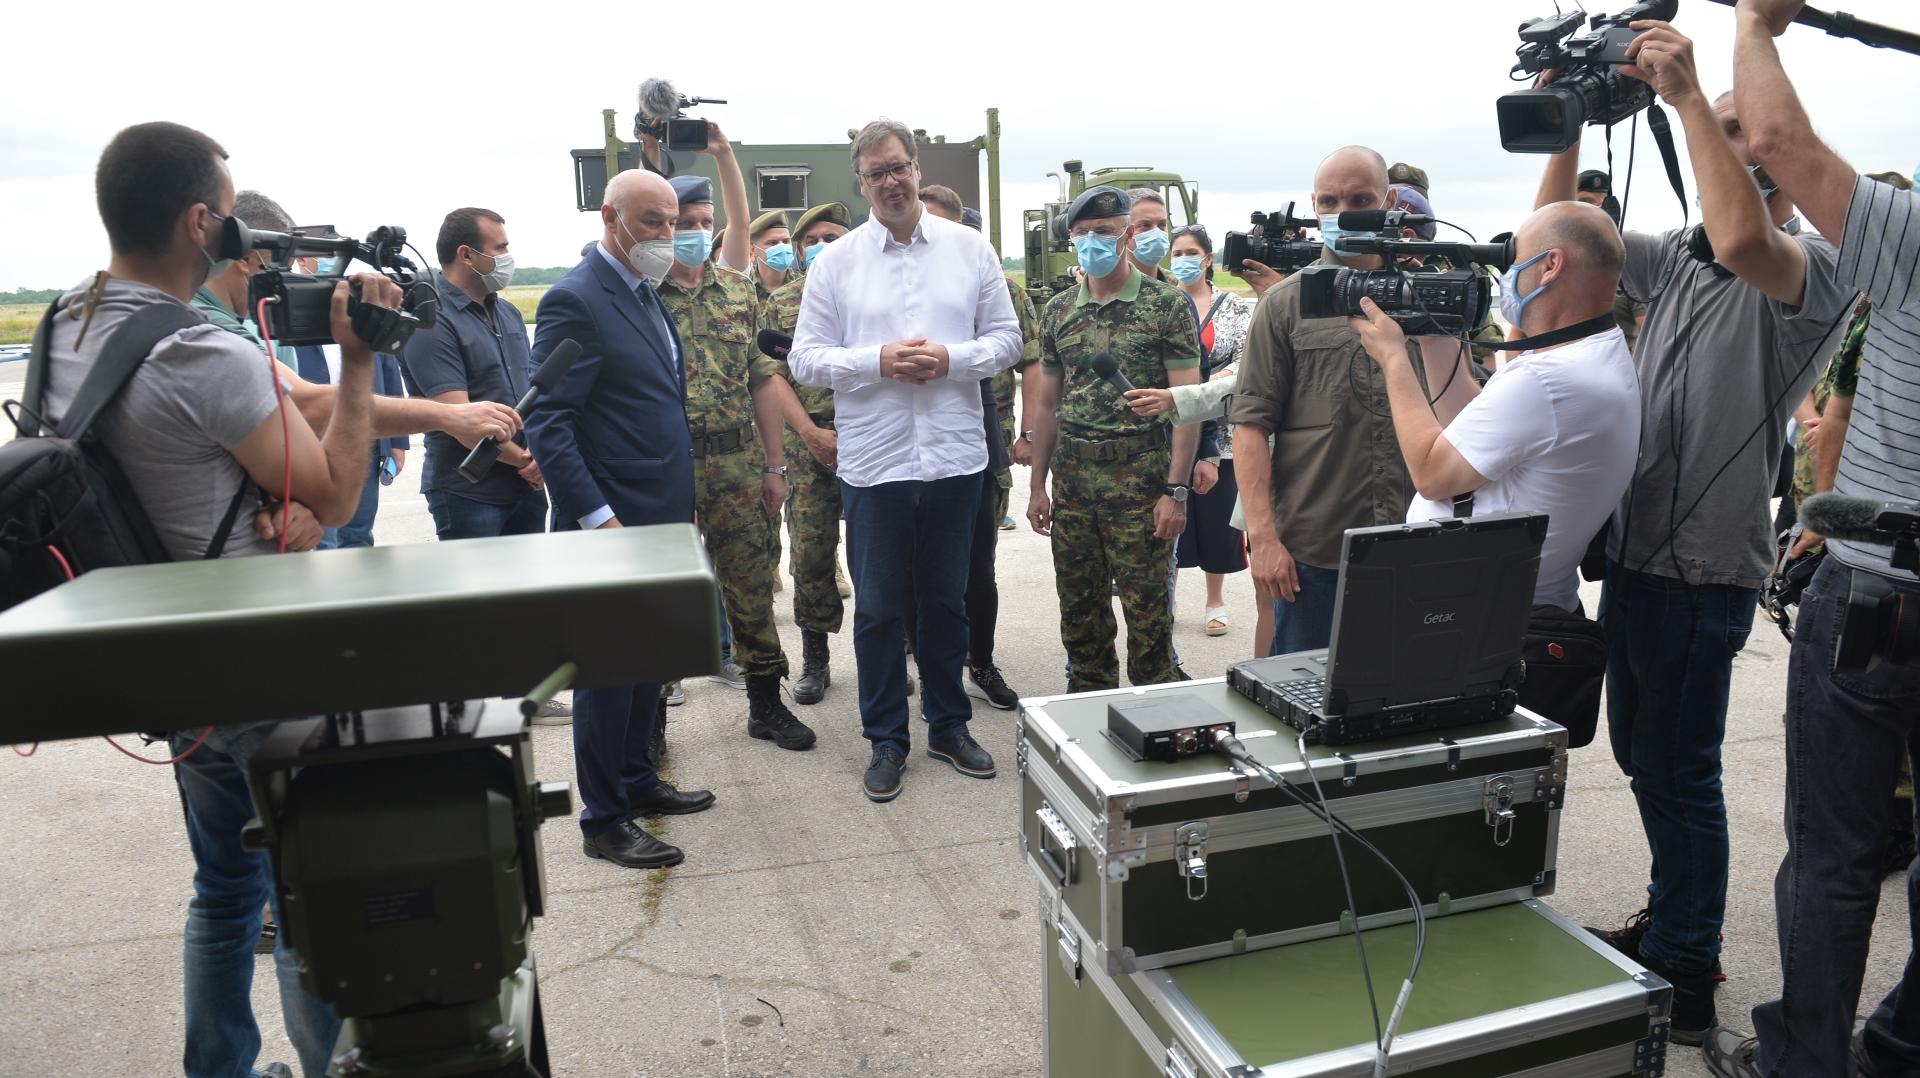 Vojska Srbije mnogostruko snaznija nego ranije.